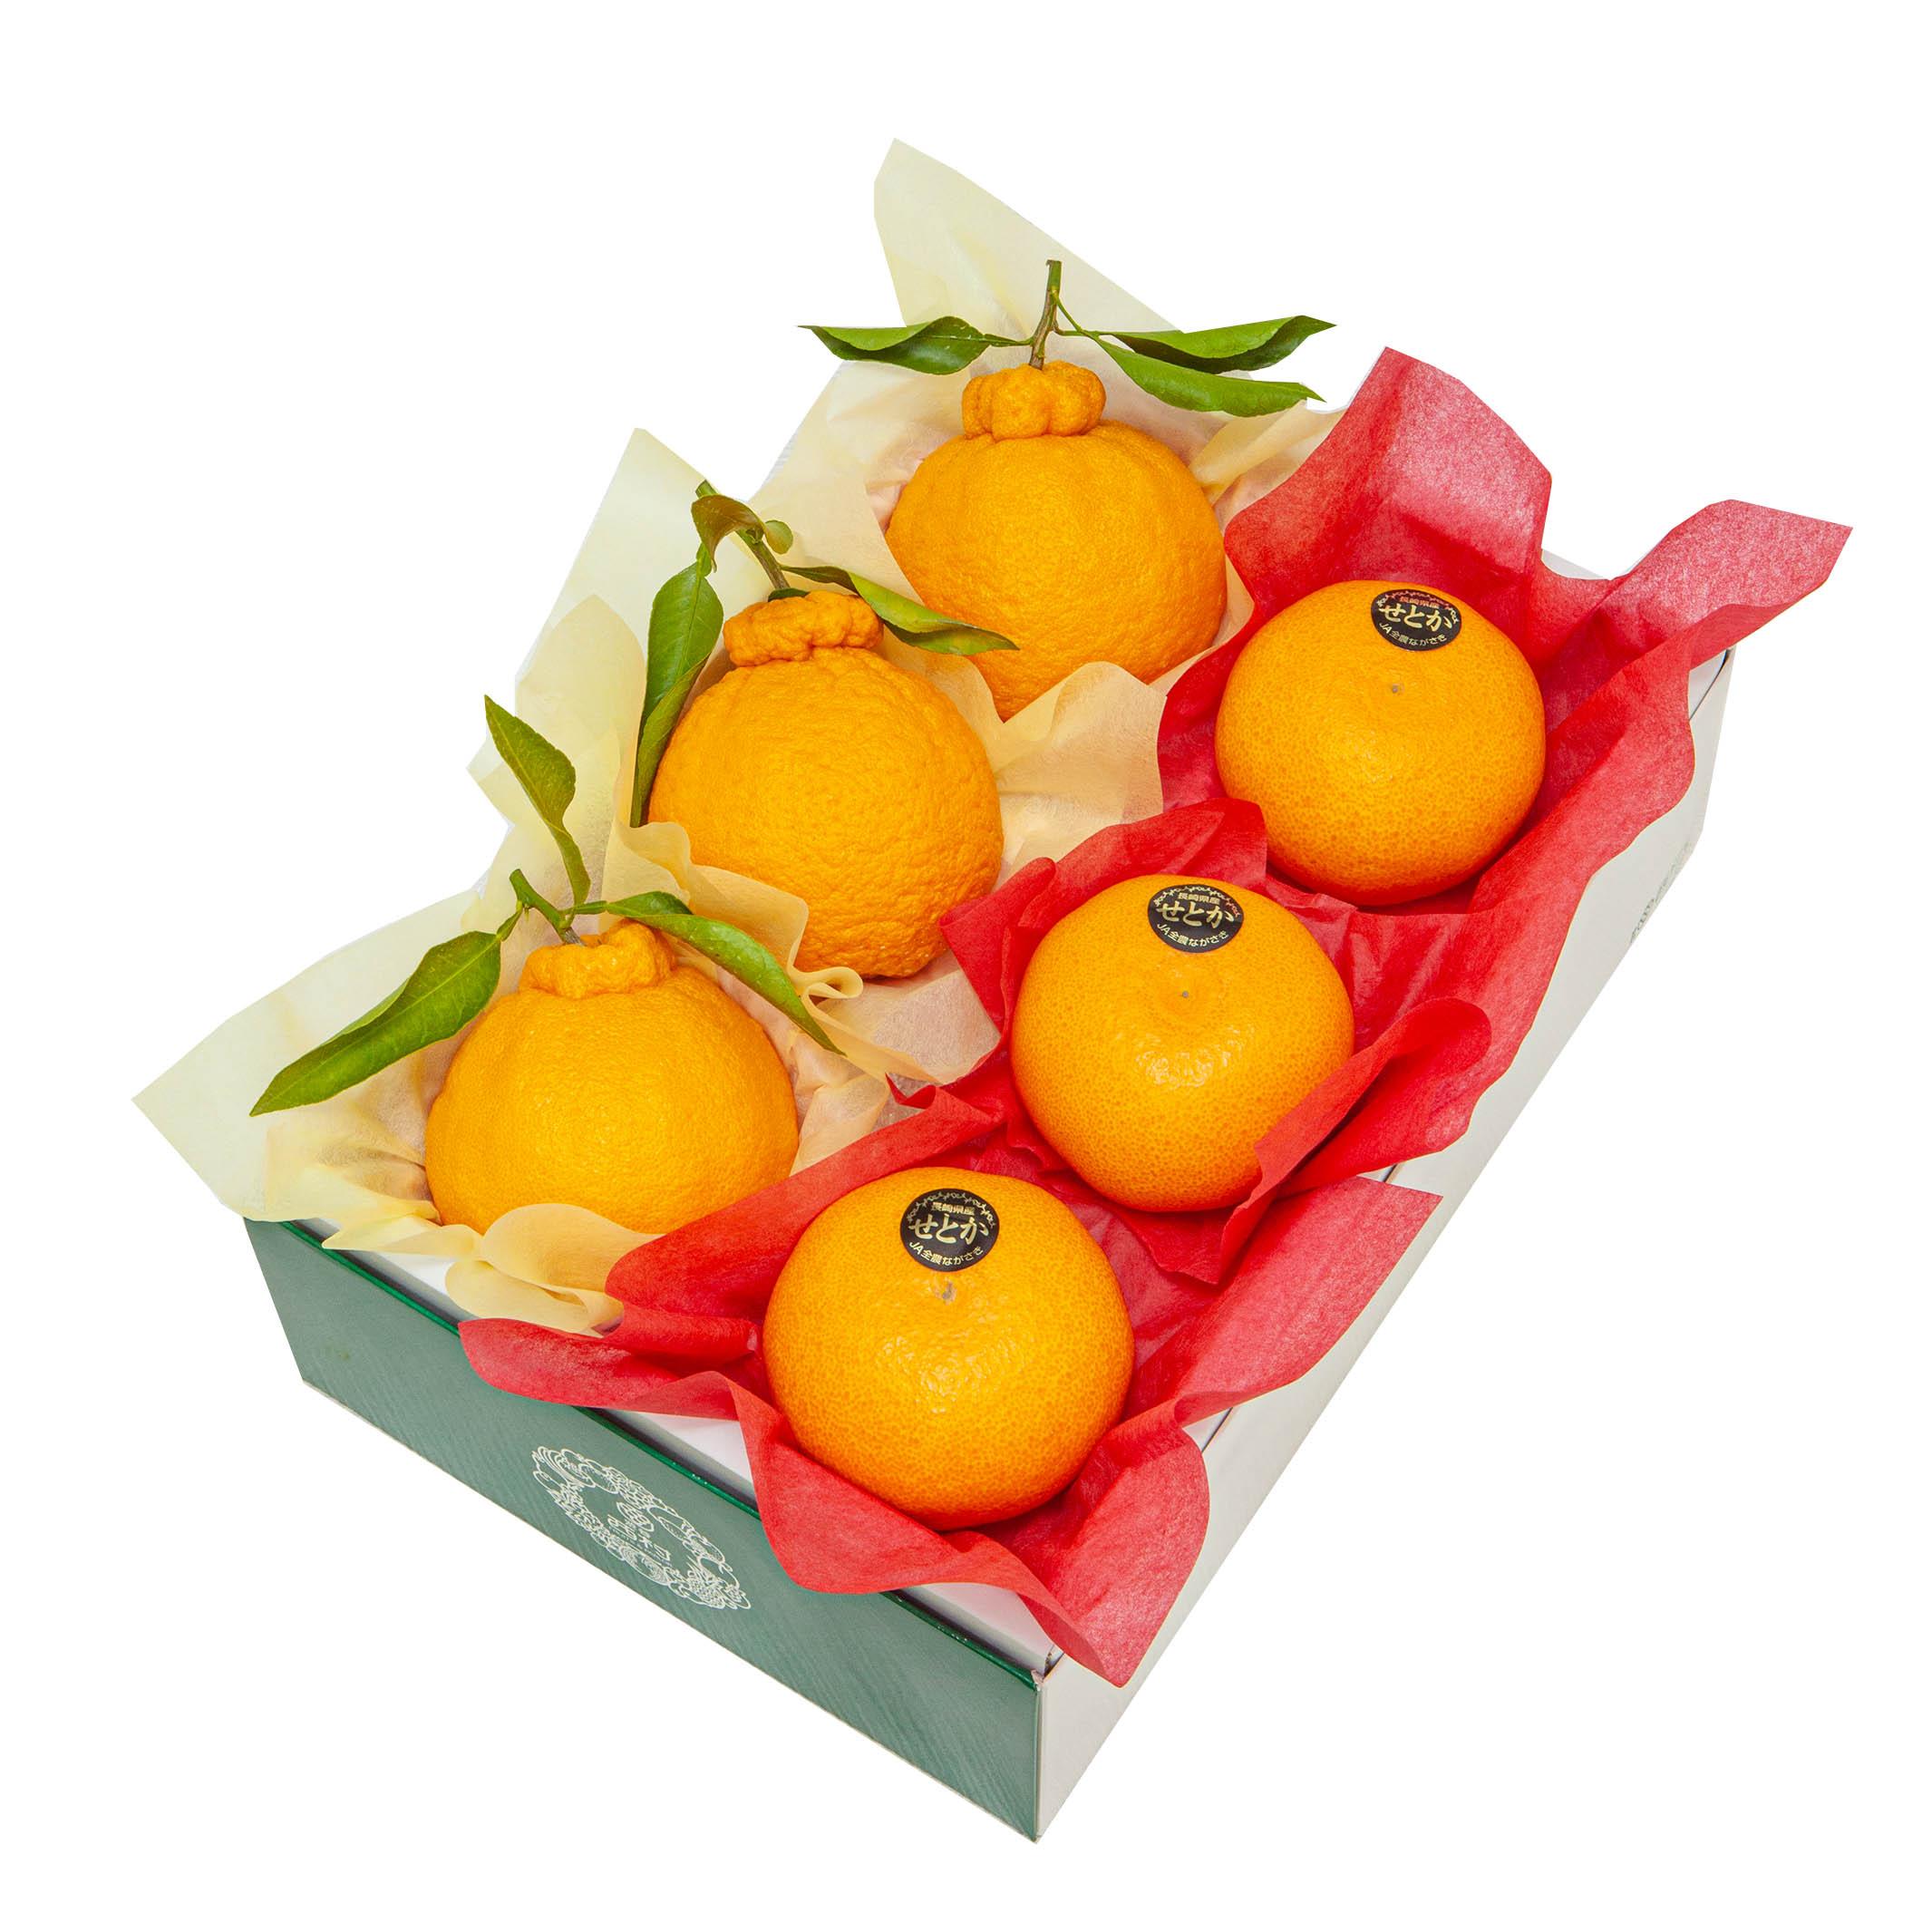 国産柑橘 詰合せ デコポン せとか